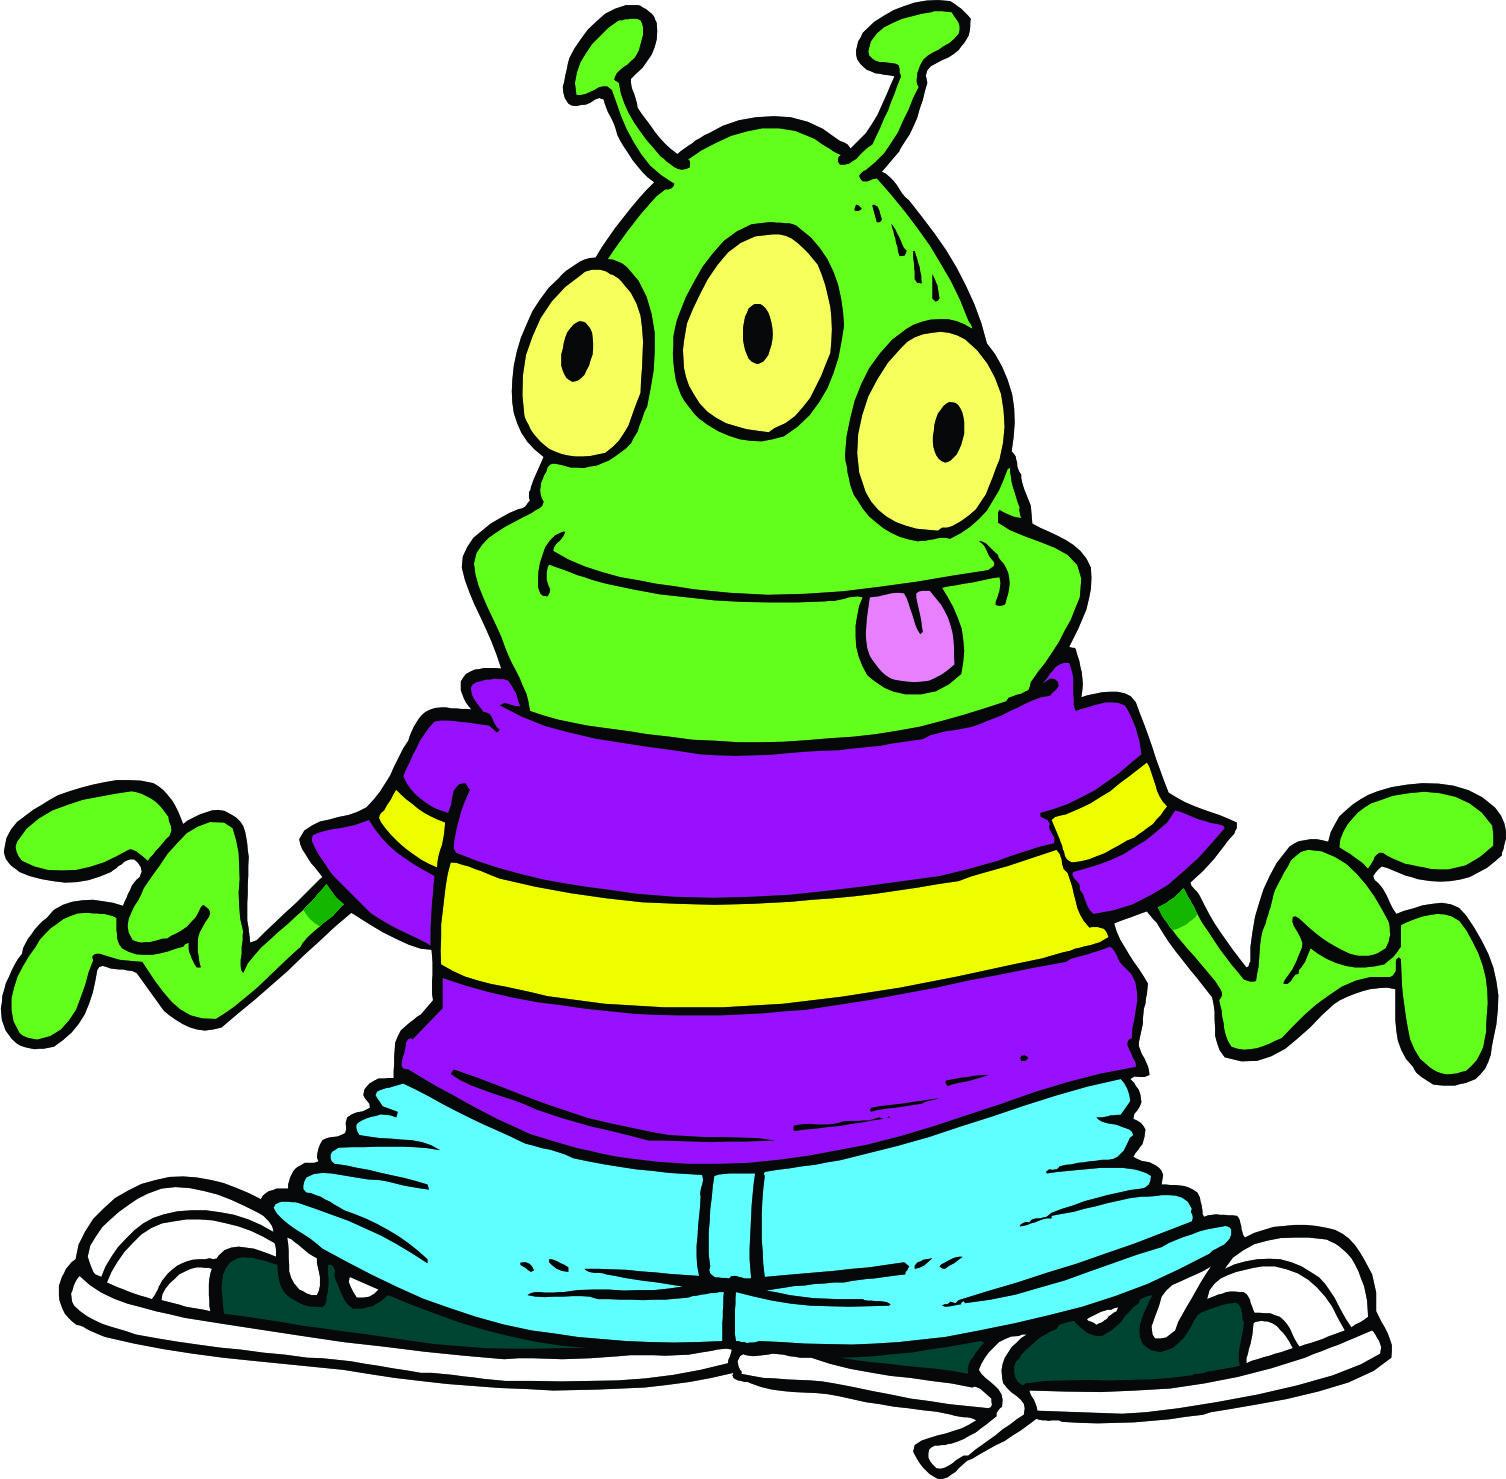 1506x1479 Simplified Cartoon Pictures Of Aliens Free Alien Cartoons Download